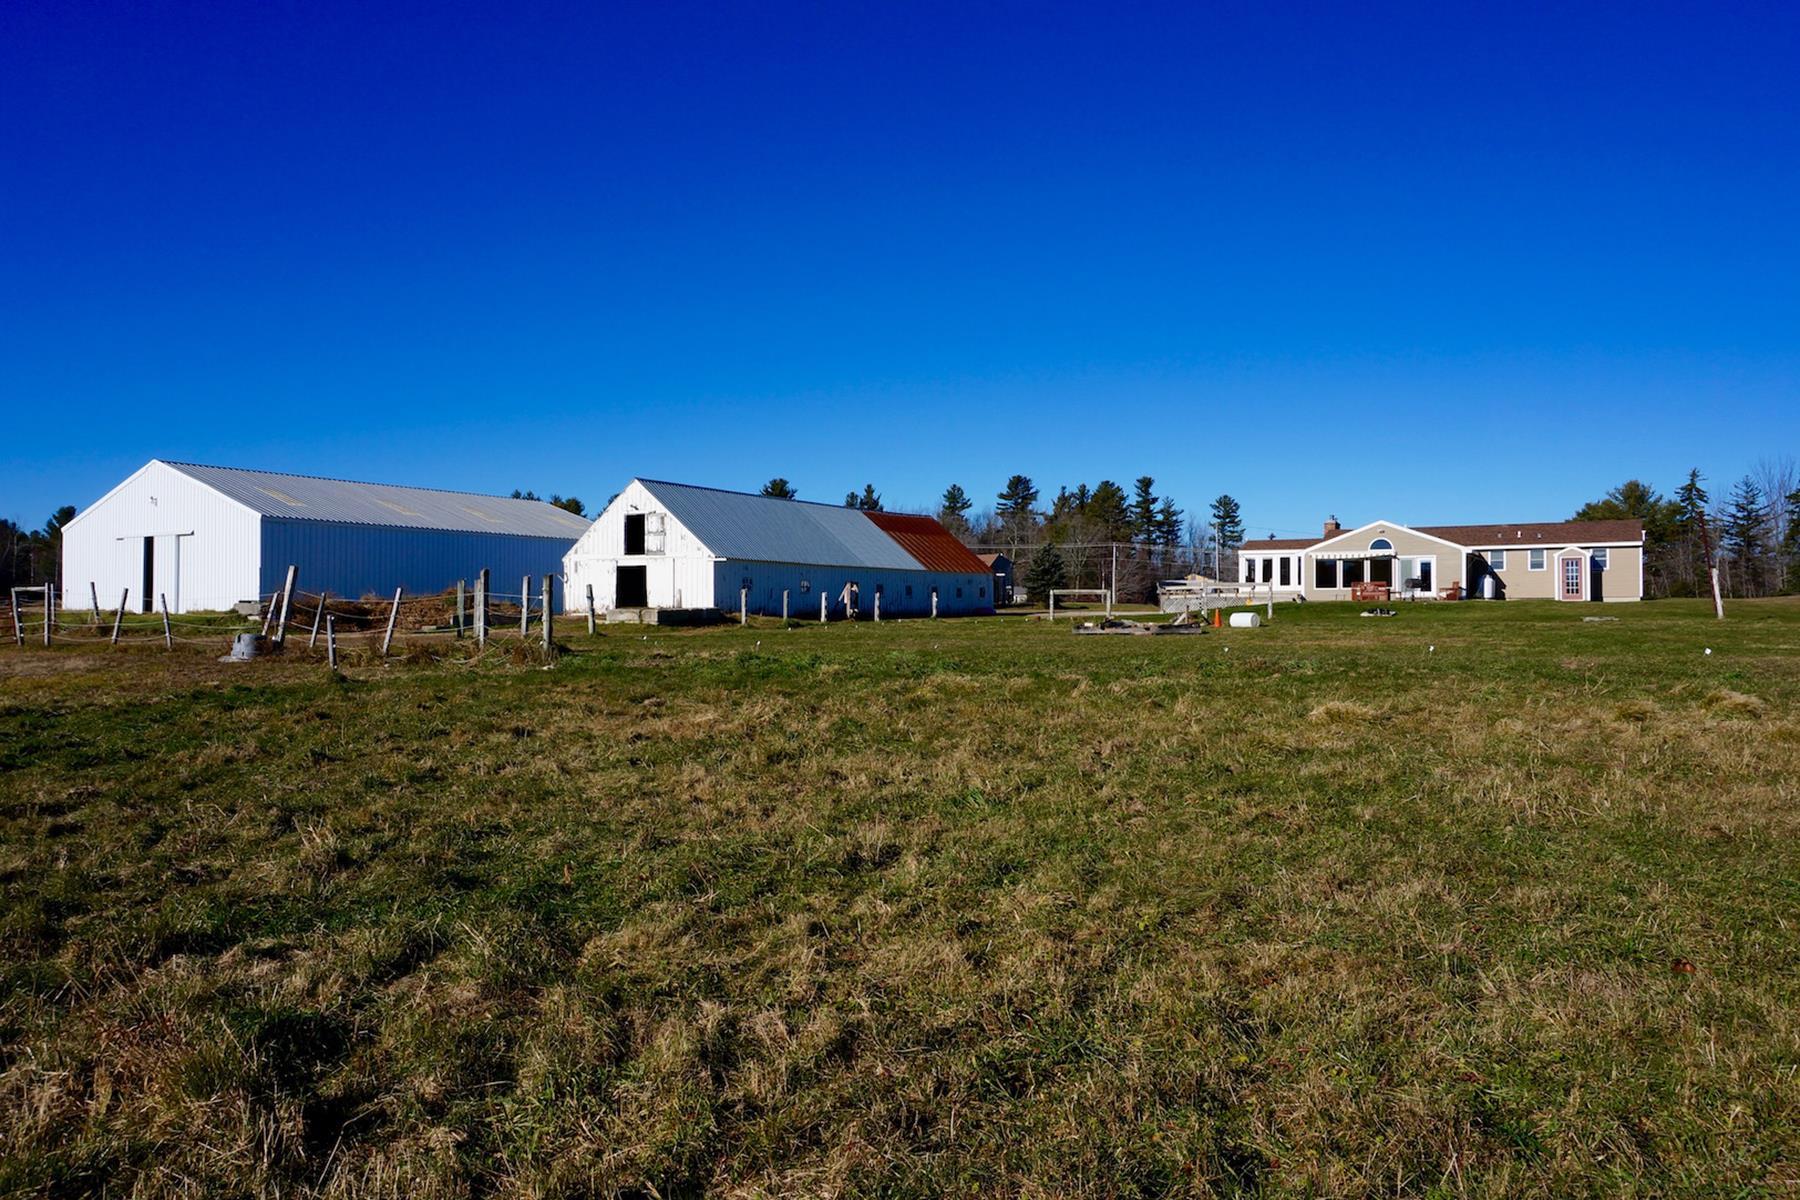 Villa per Vendita alle ore 1429 King Hill Rd, New London New London, New Hampshire 03257 Stati Uniti